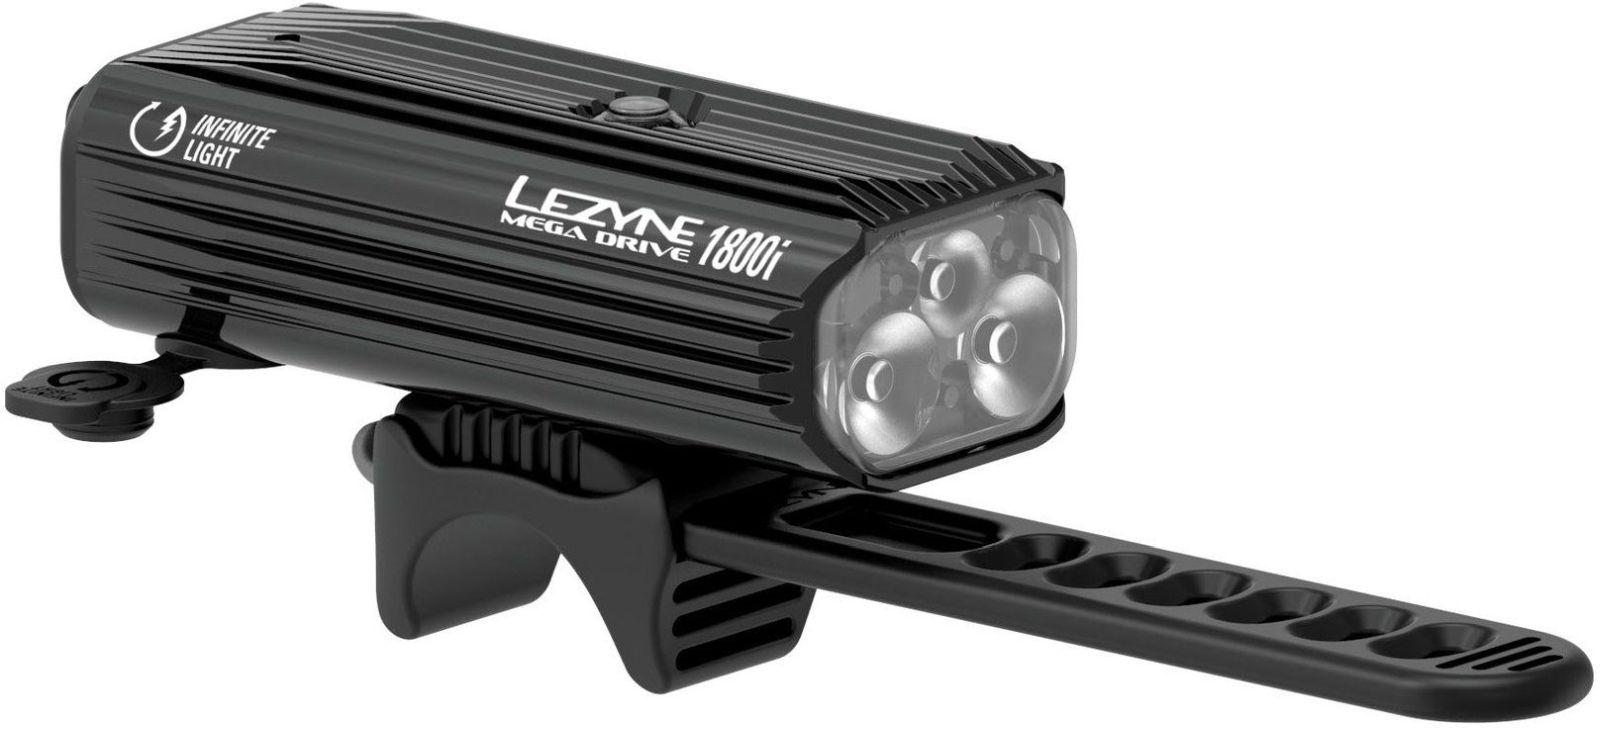 E-shop Lezyne Mega Drive 1800i Loaded Pro Black/Hi Gloss uni